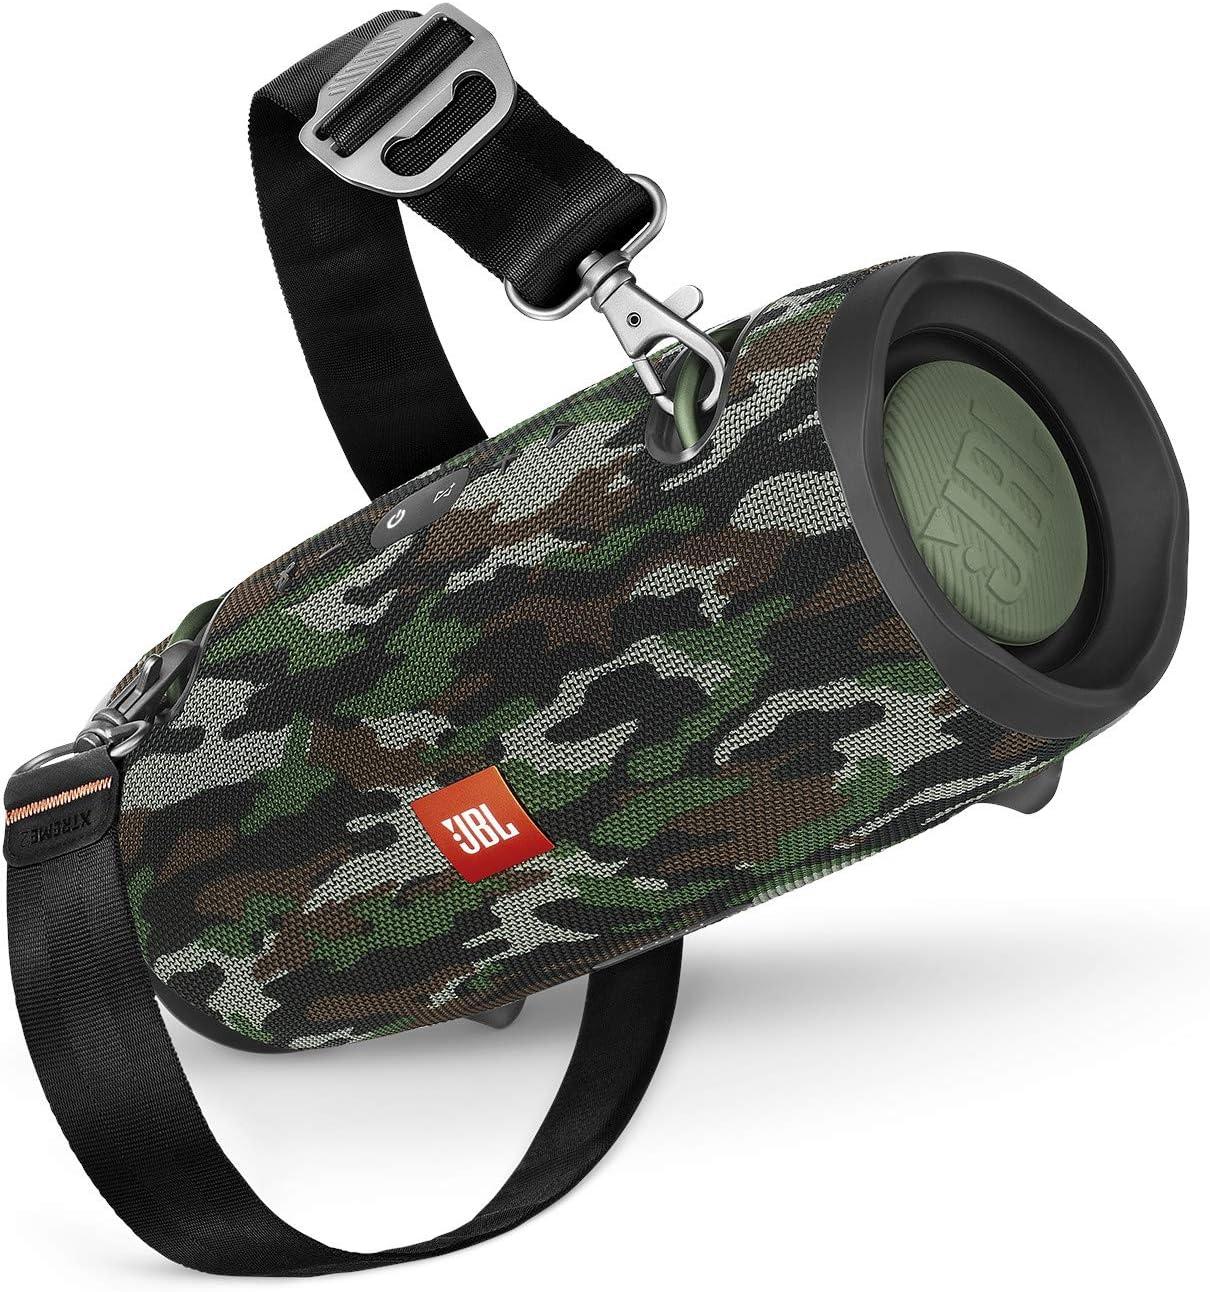 Jbl Xtreme 2 Musikbox In Camouflage Wasserdichter Portabler Stereo Bluetooth Speaker Mit Integrierter Powerbank Mit Nur Einer Akku Ladung Bis Zu 15 Stunden Musikgenuss Audio Hifi